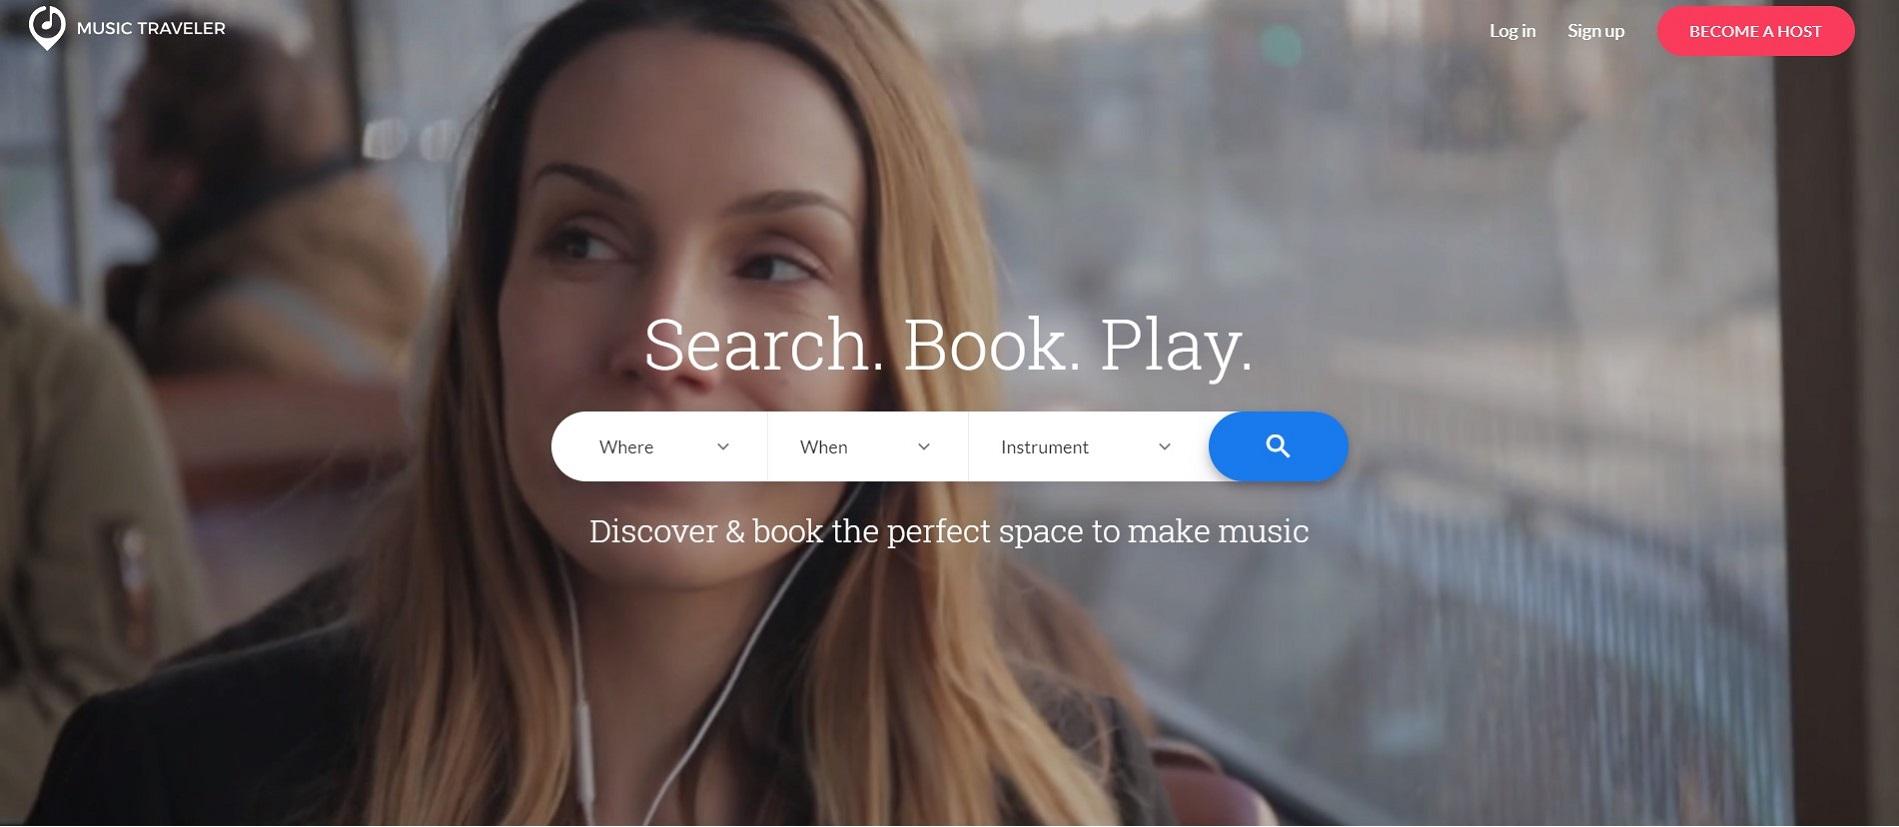 Thông tin tổng quan, khó khăn và kết quả đạt được của dự án Music Traveler